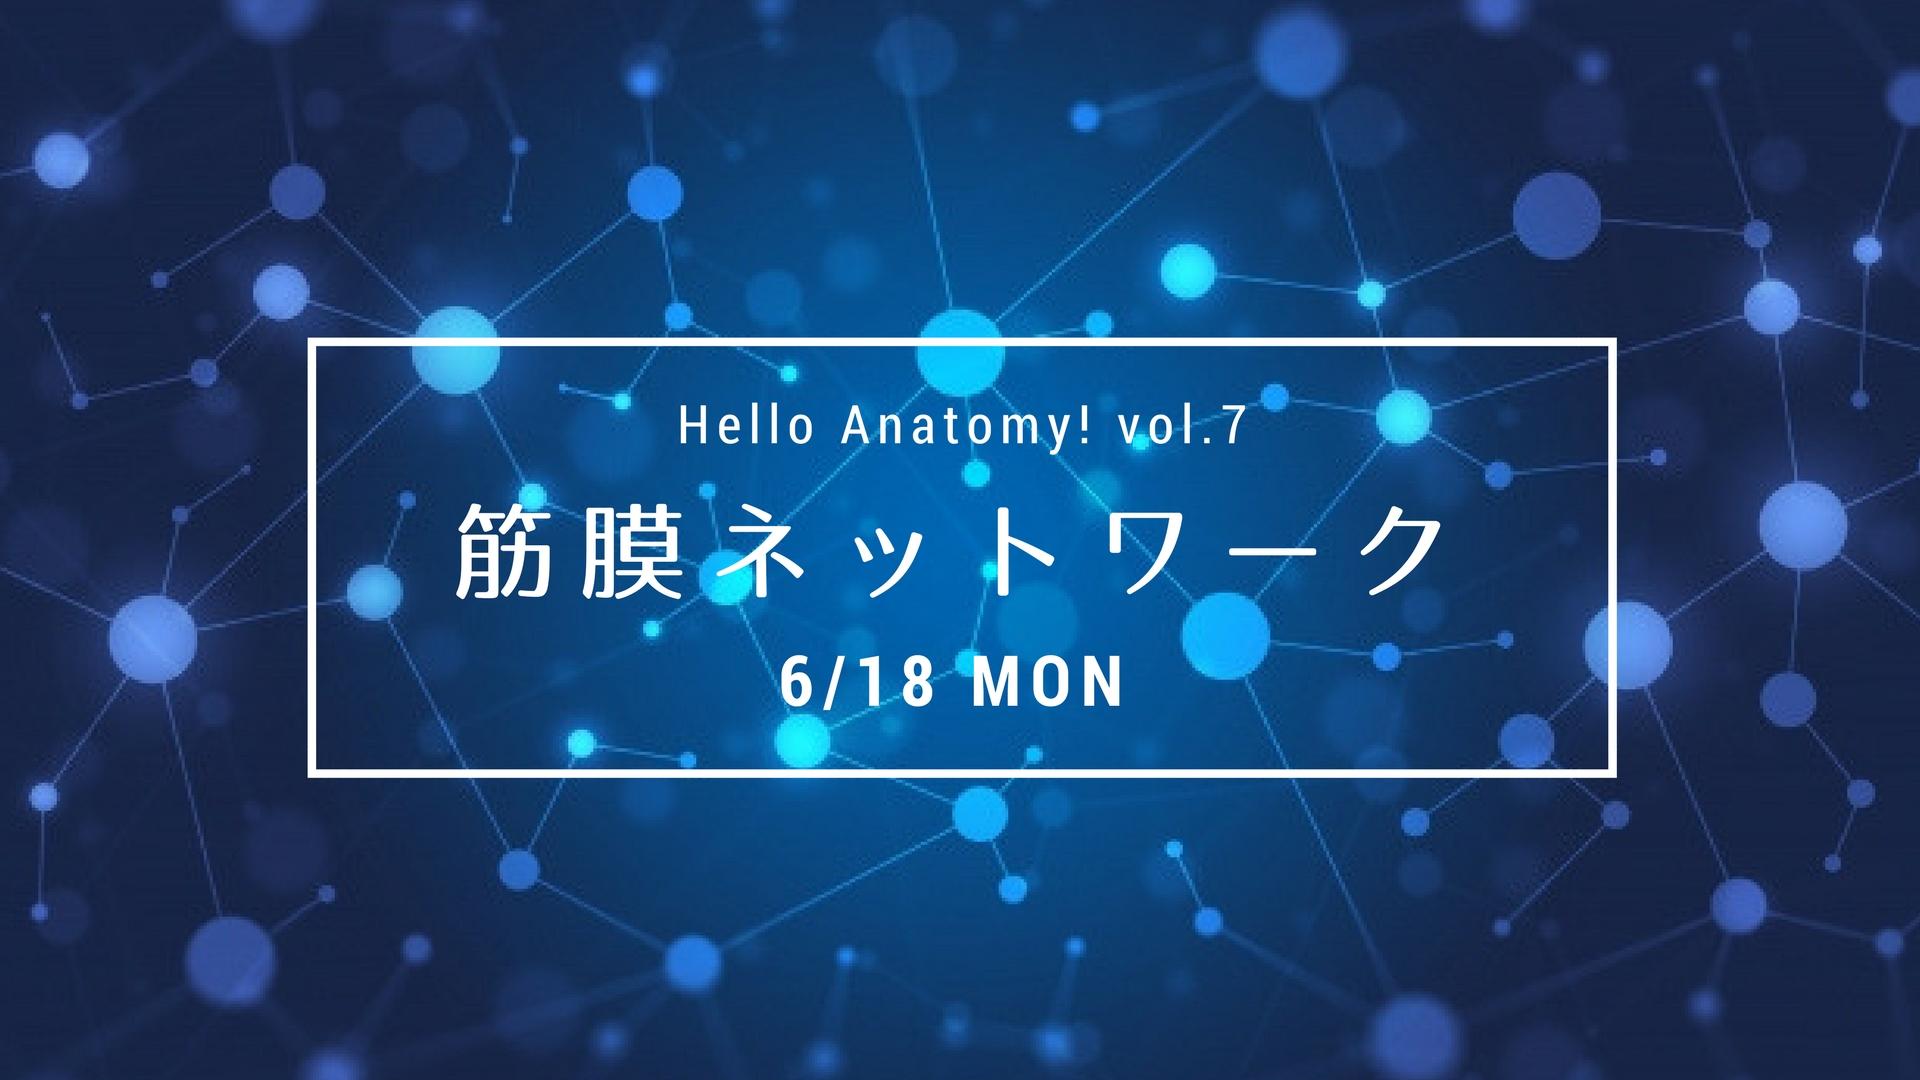 わかりやすい解剖学・Hello Anatomy! vol.7『筋膜ネットワーク』